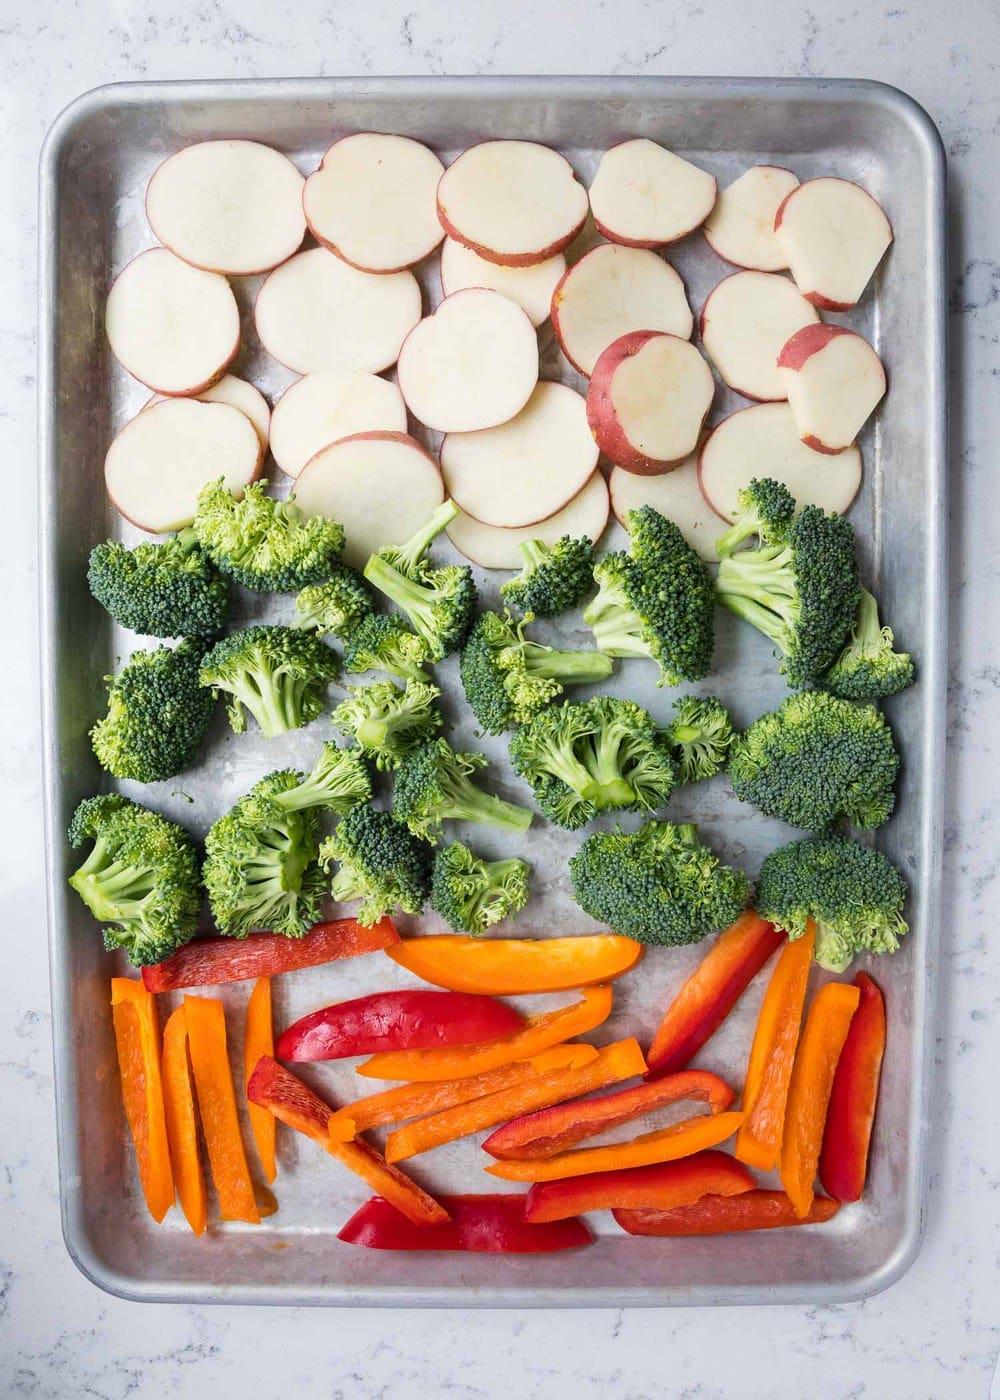 raw veggies on a baking sheet